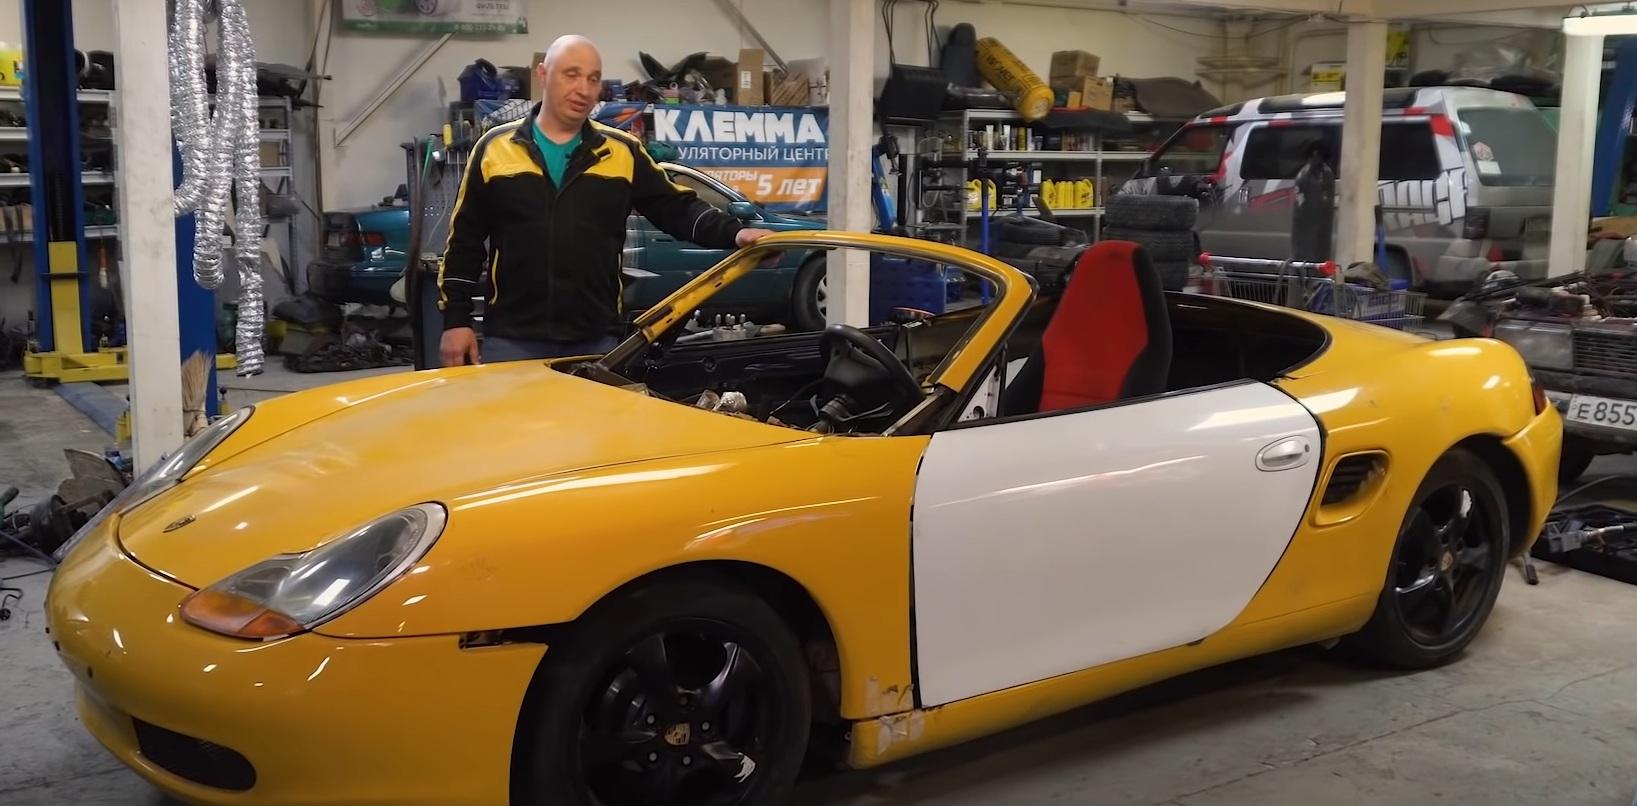 Народные умельцы превратили Жигули в Porsche Boxster (видео)